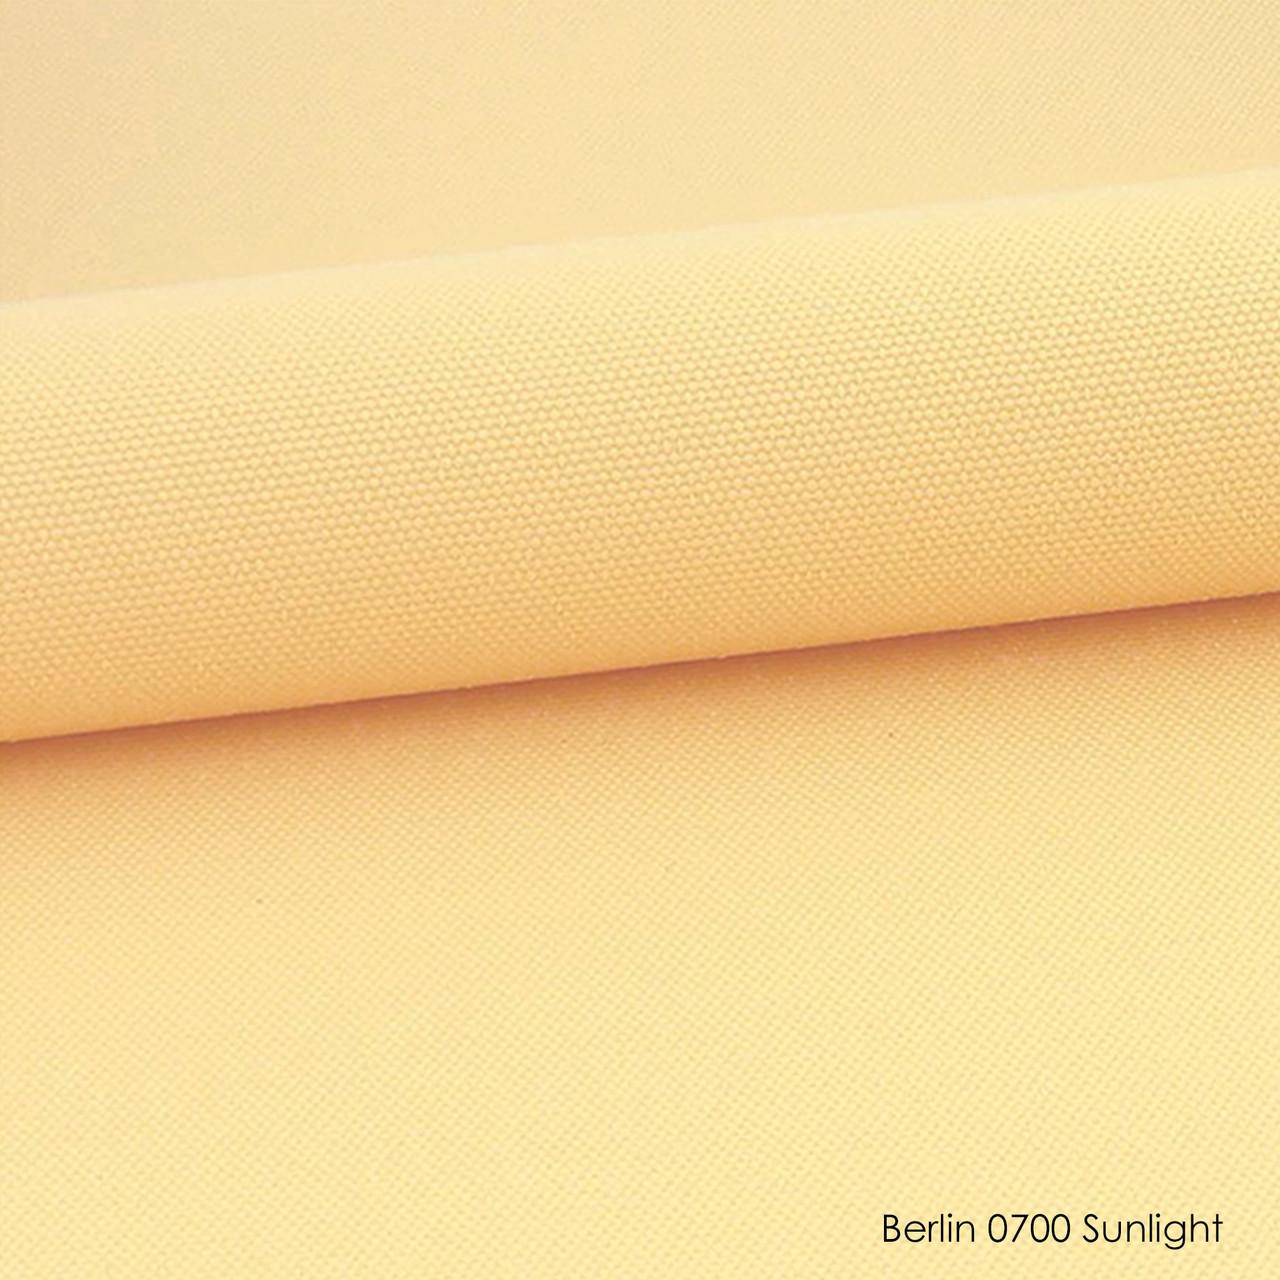 Ролеты тканевые Berlin 0700 sunlight